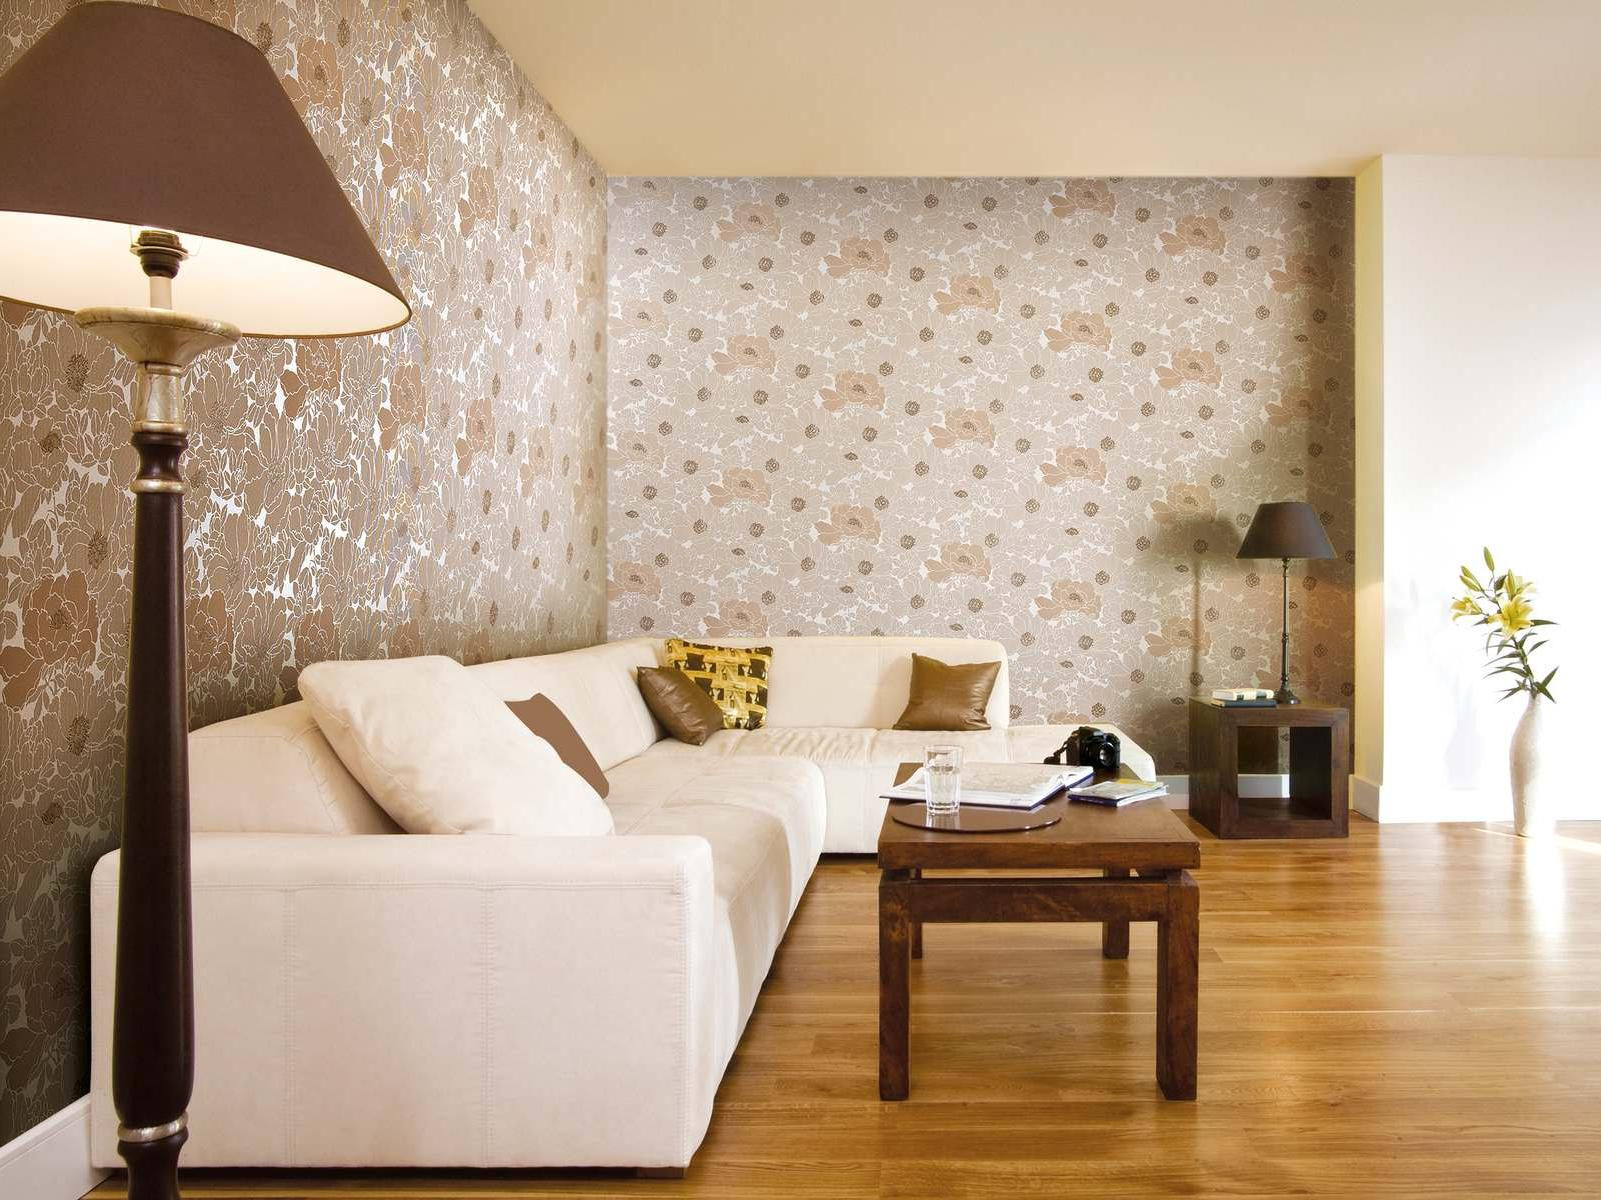 giấy dán tường vải trong phòng khách